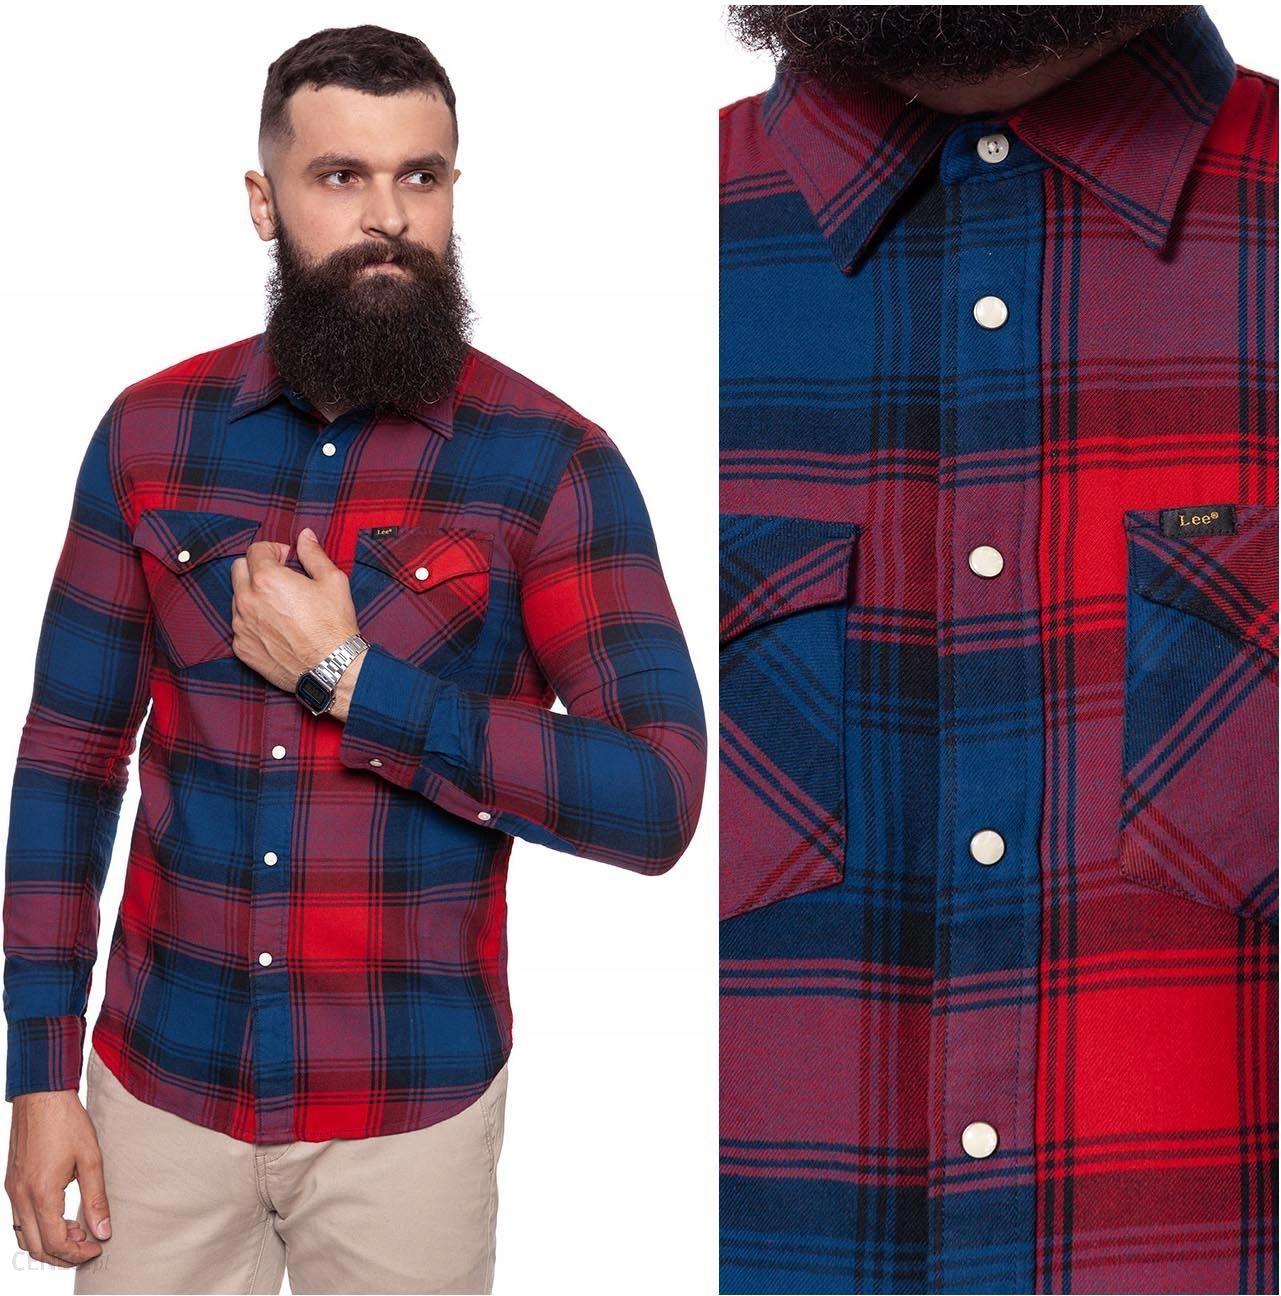 Lee Western Shirt Koszula Flanelowa Męska Slim M Ceny i  N3cUA